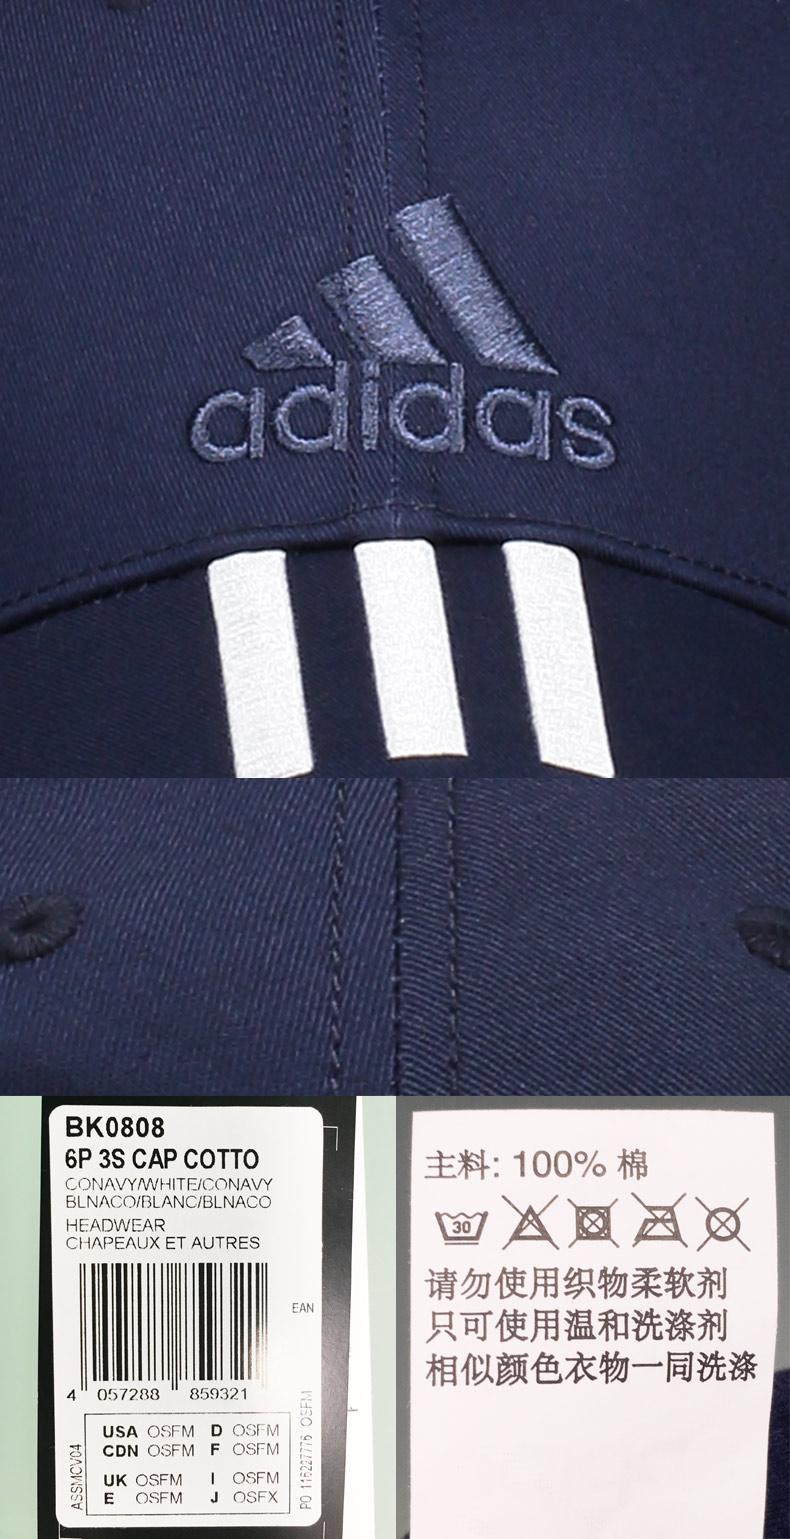 club Flojamente Involucrado  one size fits most s98156 base-cap 6p 3s OSFM Acción: adidas cap OSFM  control-ar.com.ar